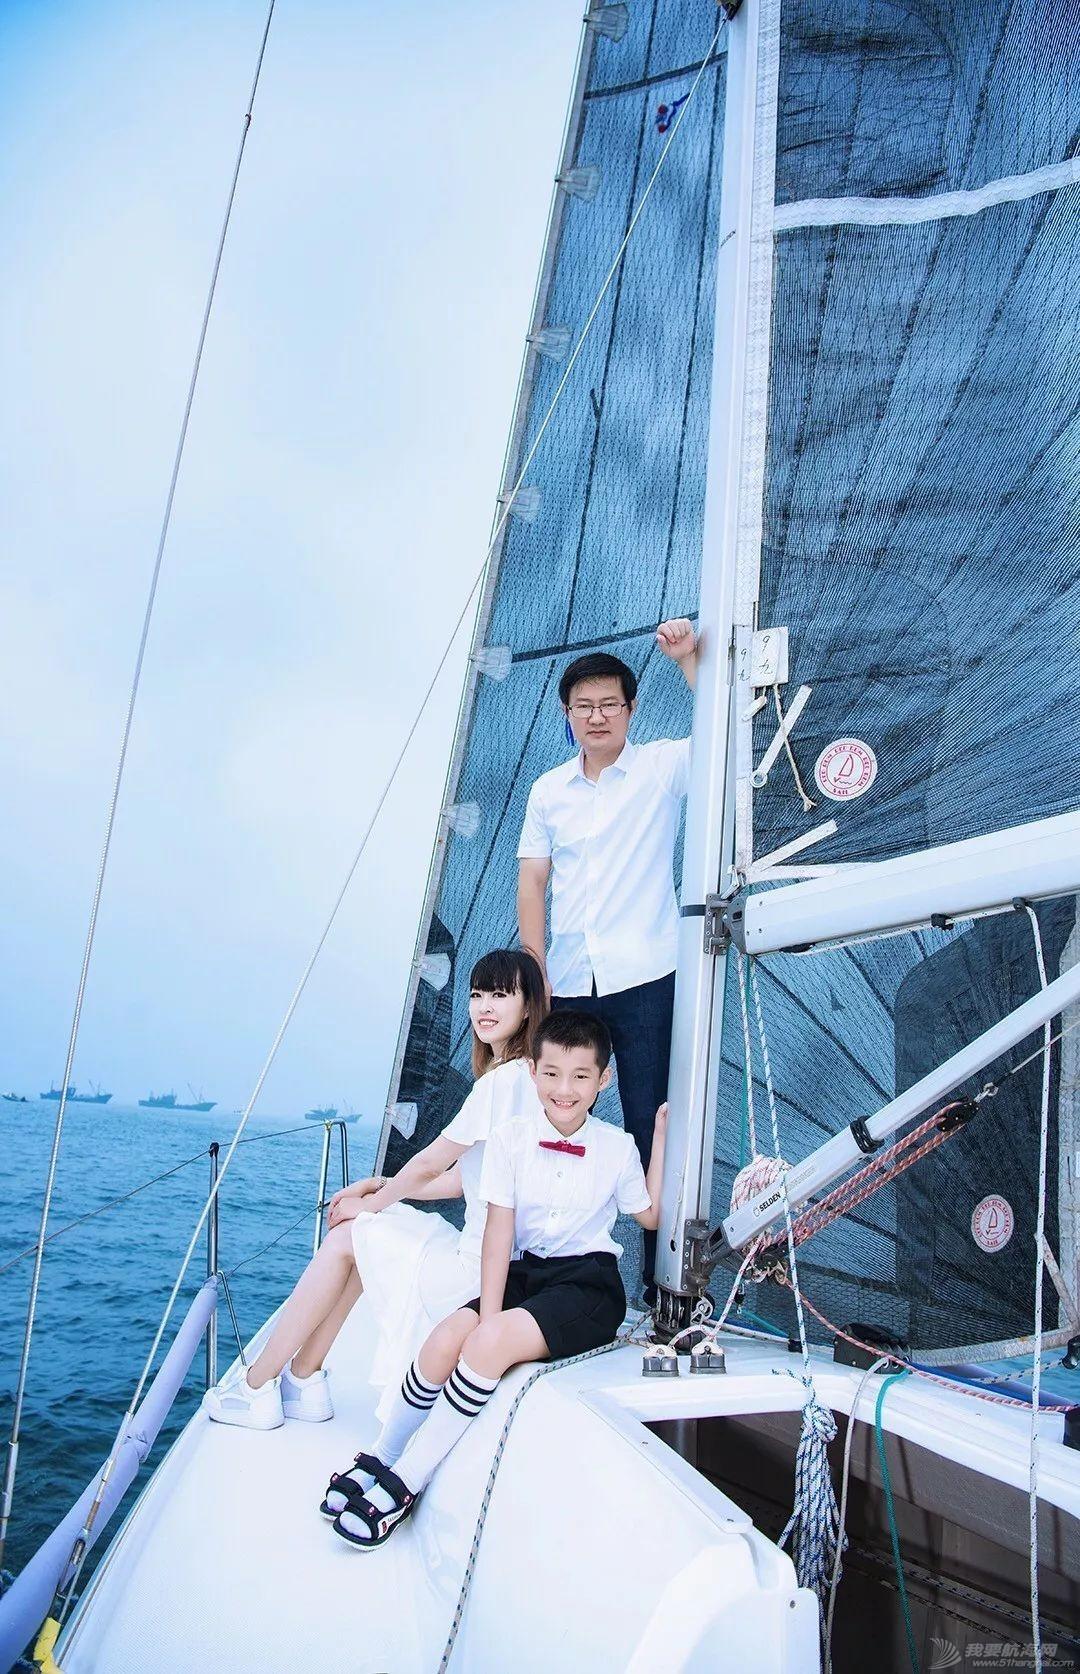 番外篇:用心热爱帆船的阿铁与小公|新中国70华诞特辑?w42.jpg